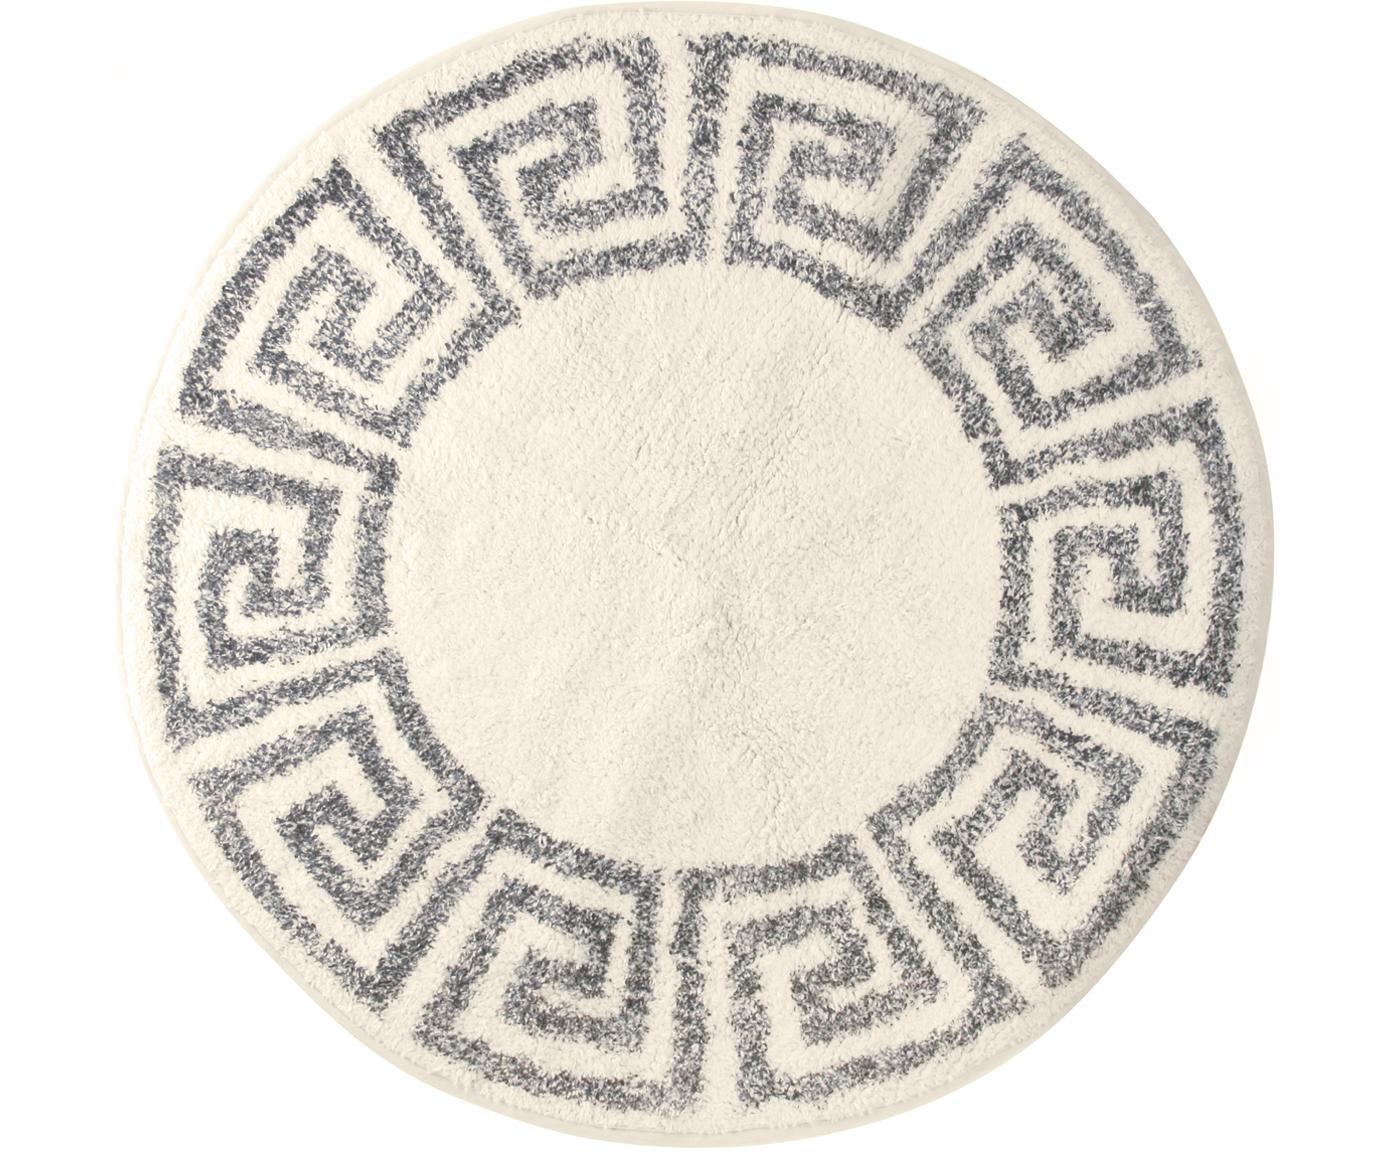 Runde Badematte Greek, rutschfest, Flor: 100% Baumwolle, Creme, Grau, Ø 80 cm